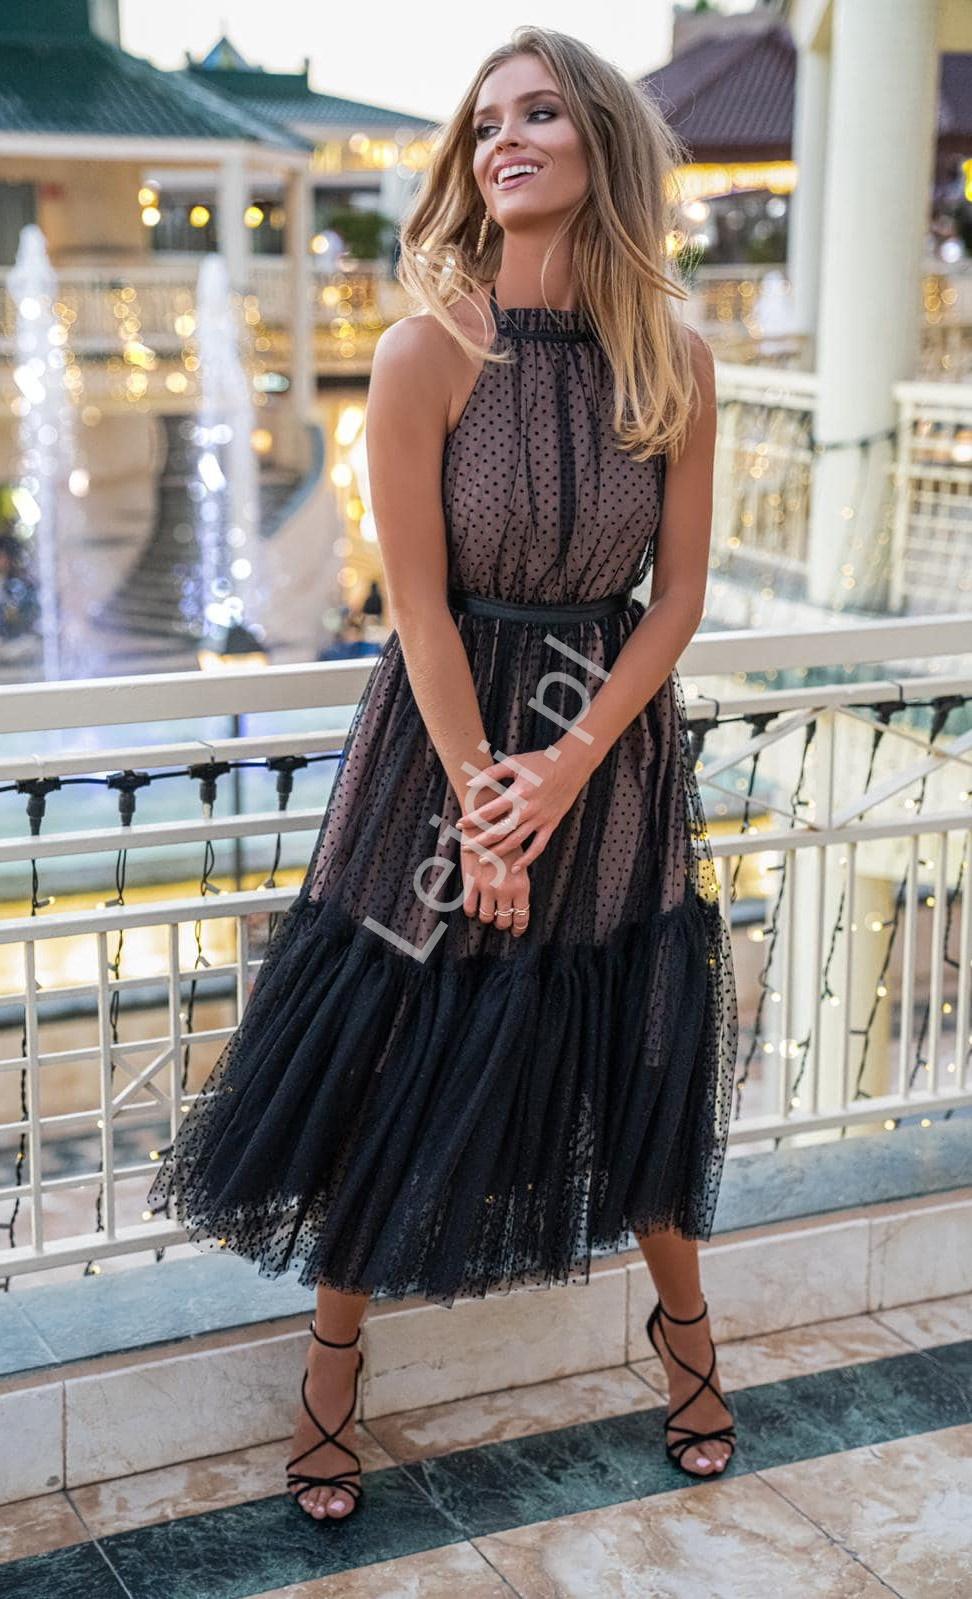 Karmelowa Sukienka Wieczorowa W Czarne Kropki Lara Dresses Fashion High Low Dress